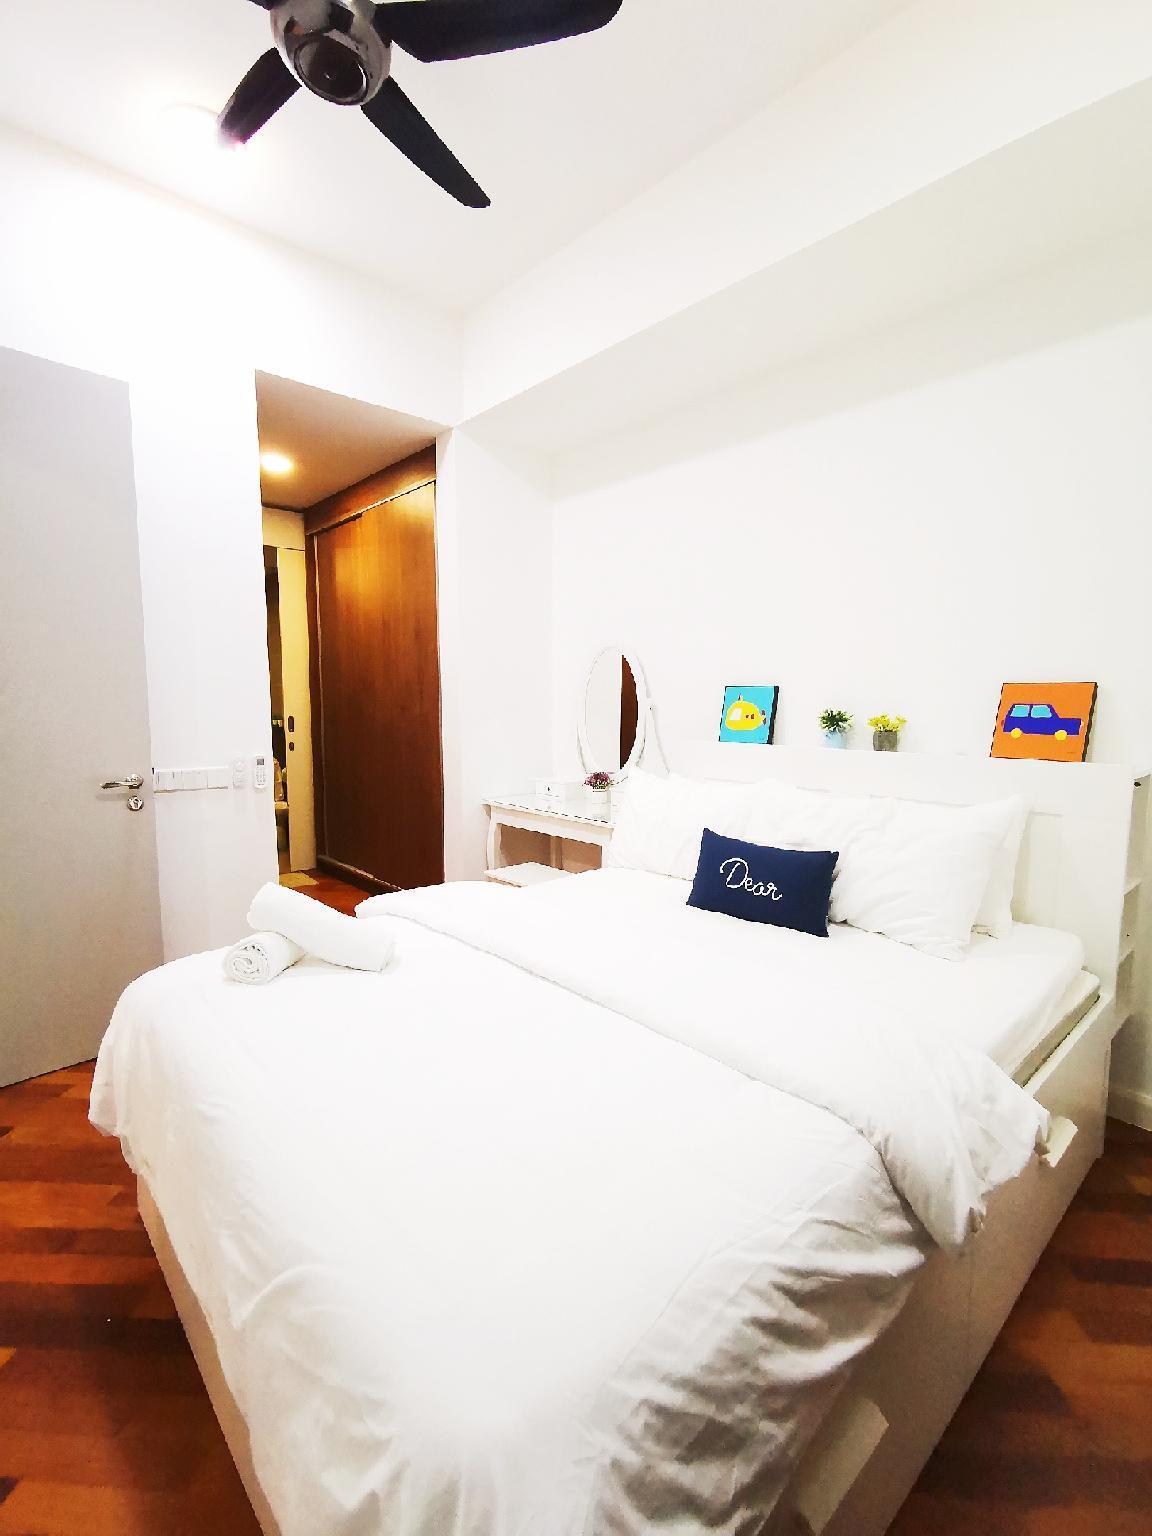 Grand Medini  4pax  WIFI  A23 @ JB City Home